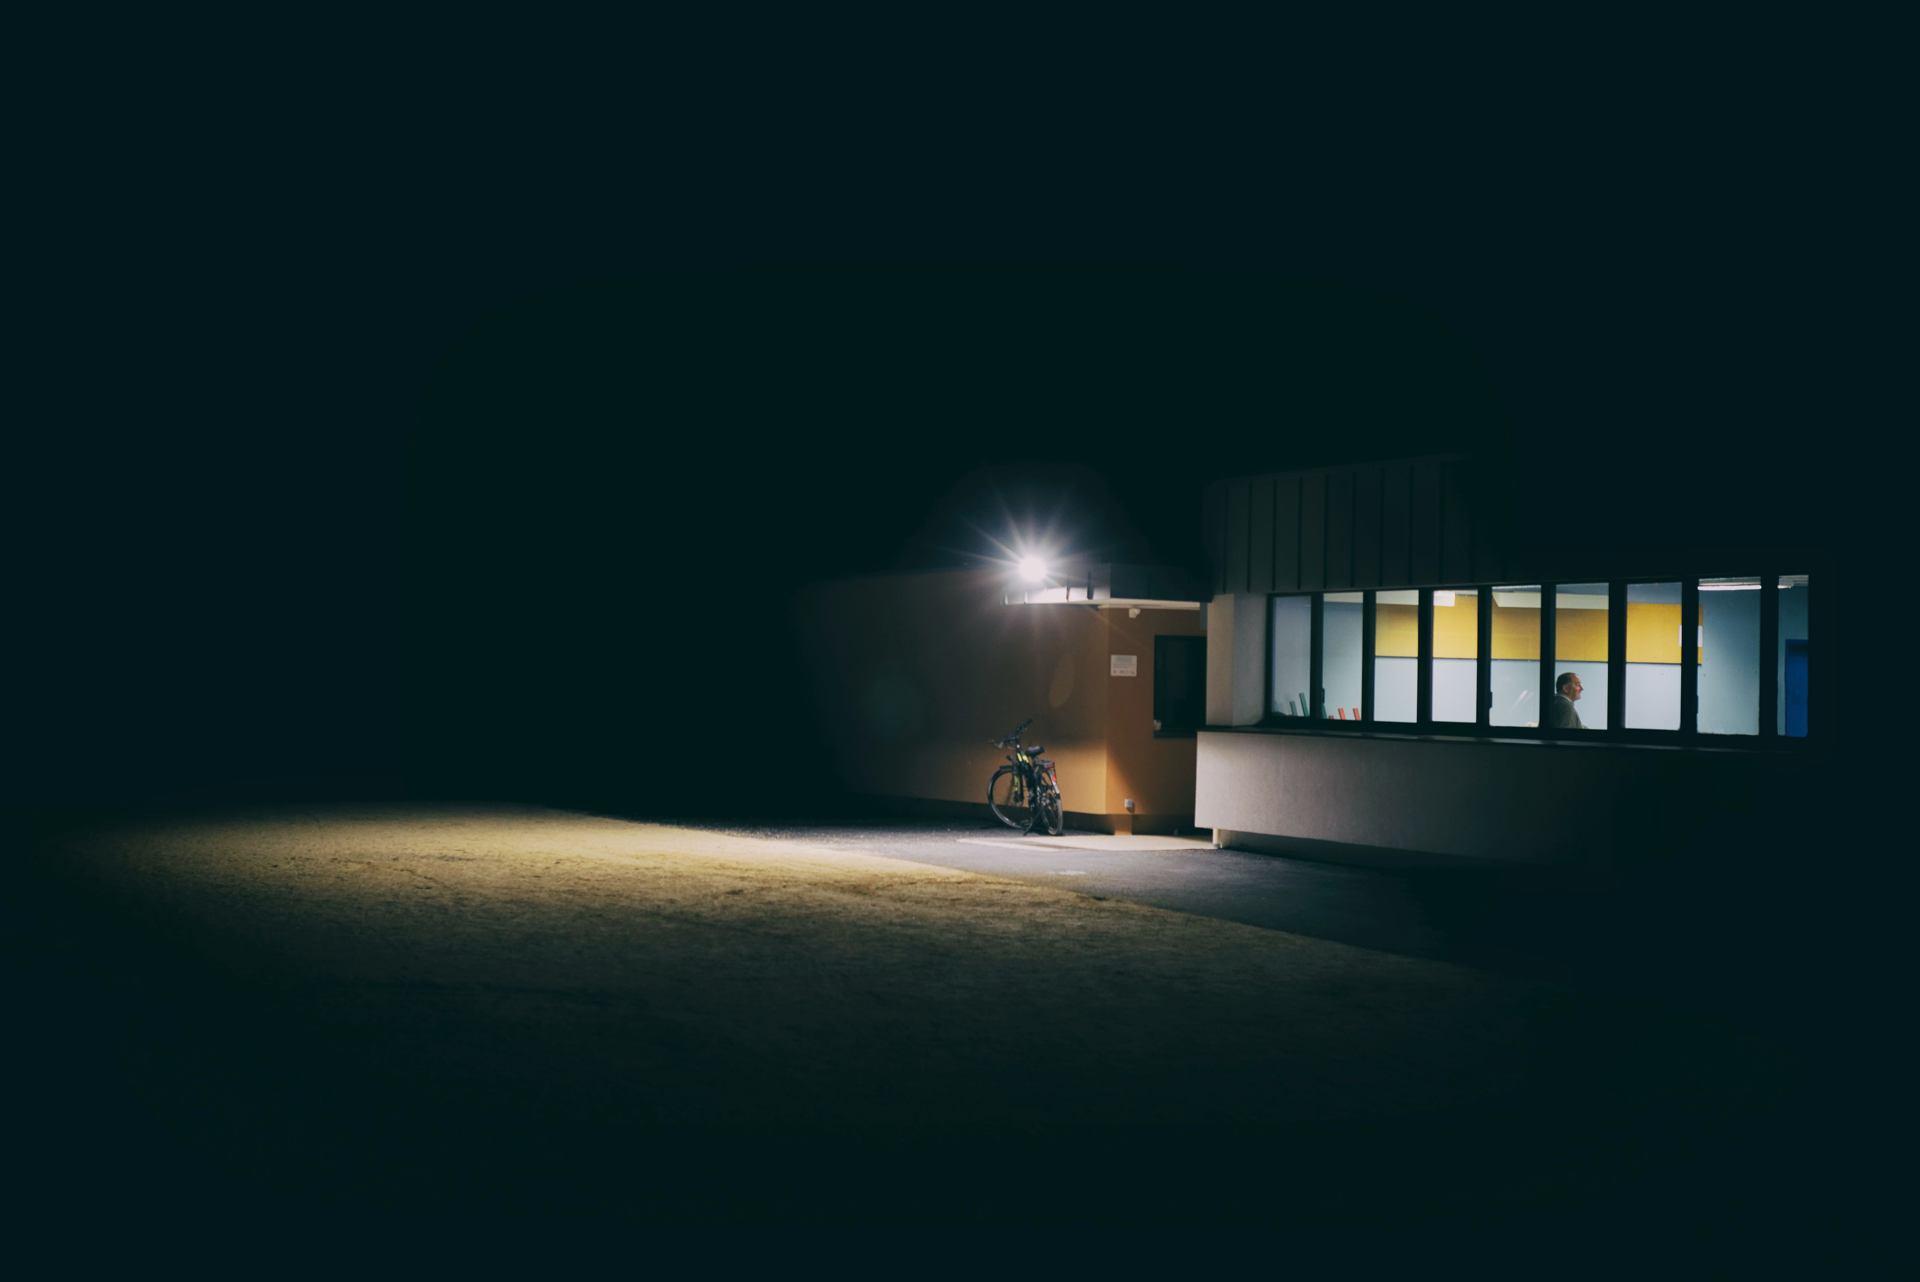 travail nocturne